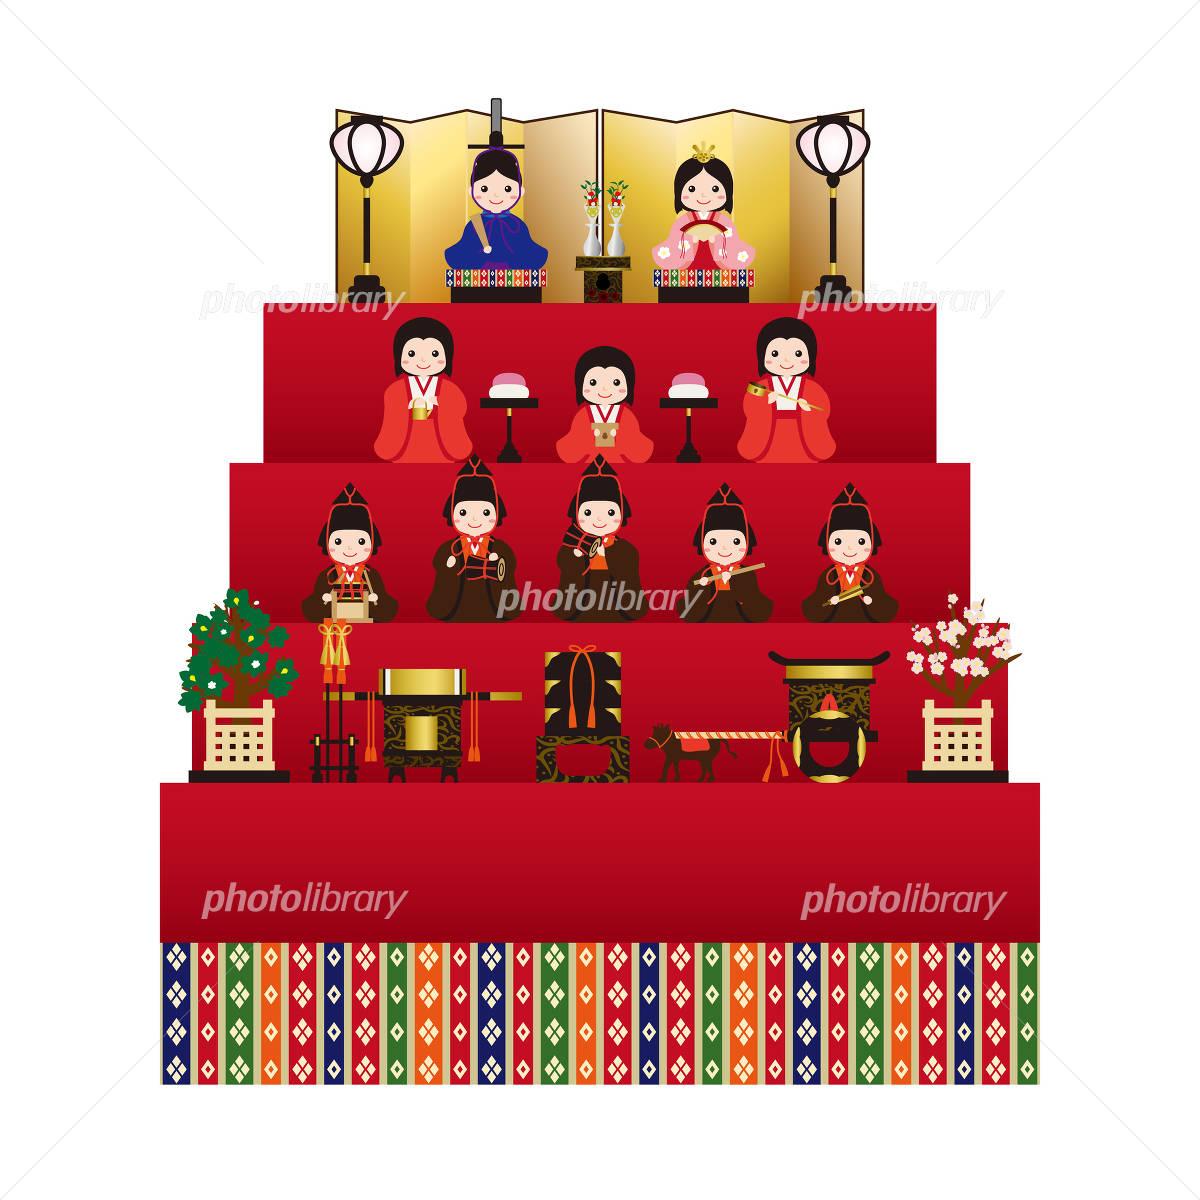 雛人形 三人官女と五人囃子 イラスト素材 4831308 フォトライブ